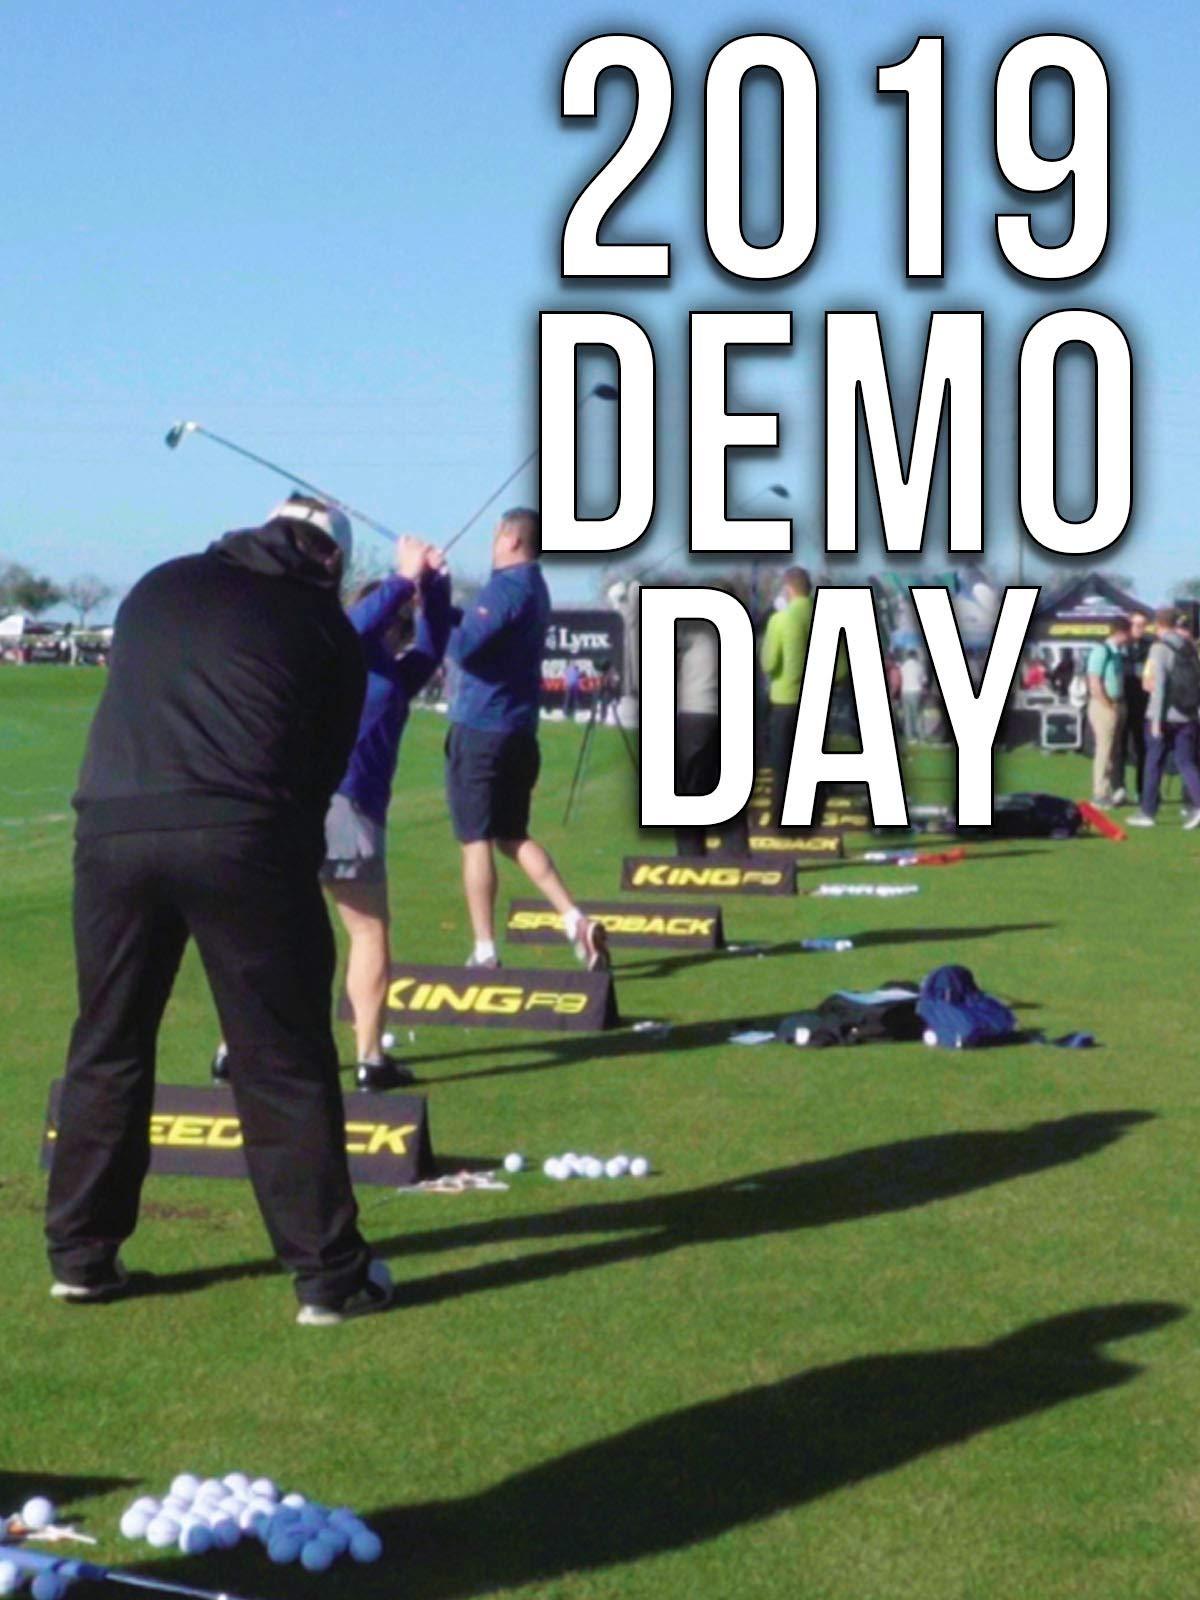 Clip: 2019 Demo Day